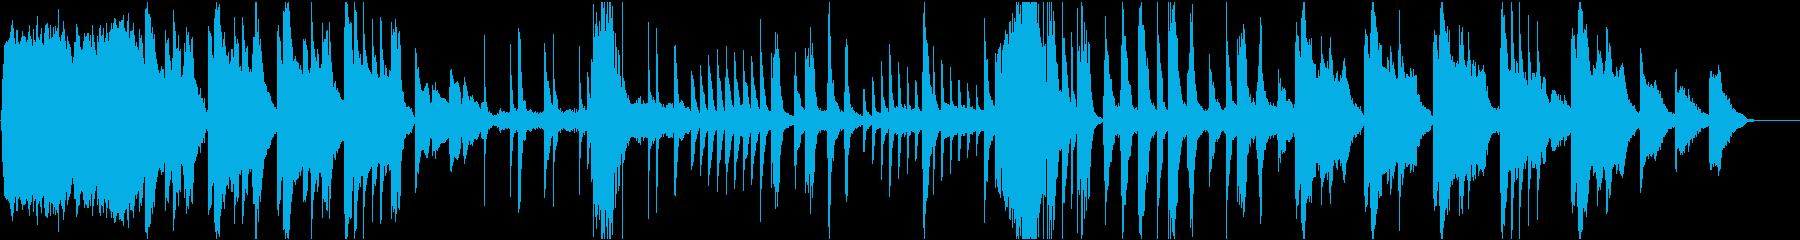 瞑想的な日本風のインストの再生済みの波形